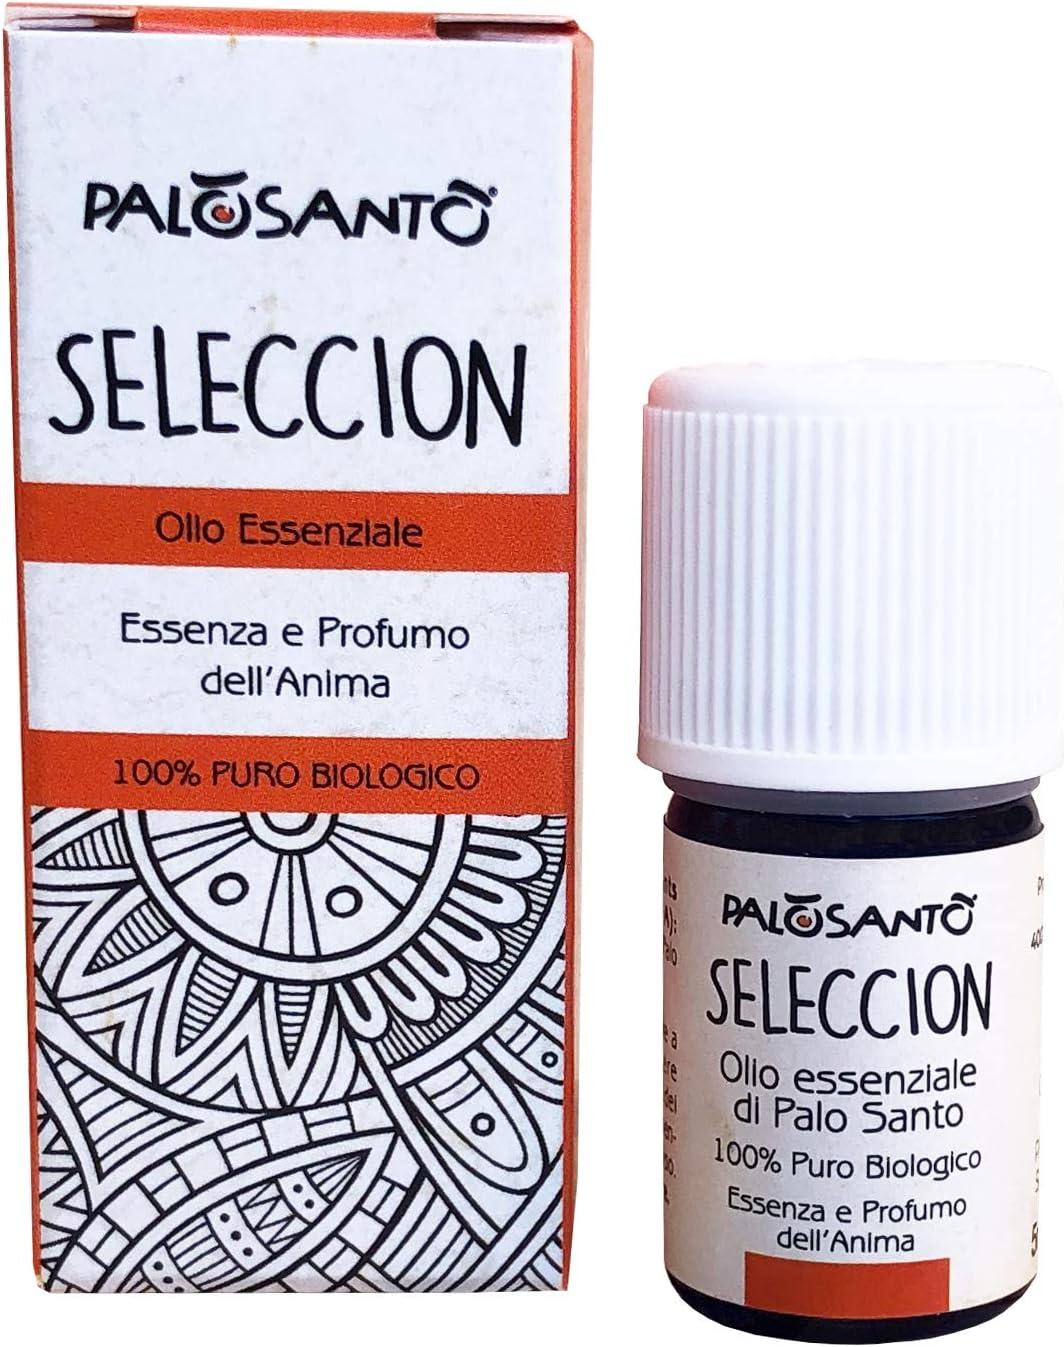 Aceite Esencial de Palo Santo Selecciòn - 5 ml - 100% puro, natural y artesanal - para masajes y vaporizadores - Bursera Graveolens de calidad chamánica - aroma bienestar